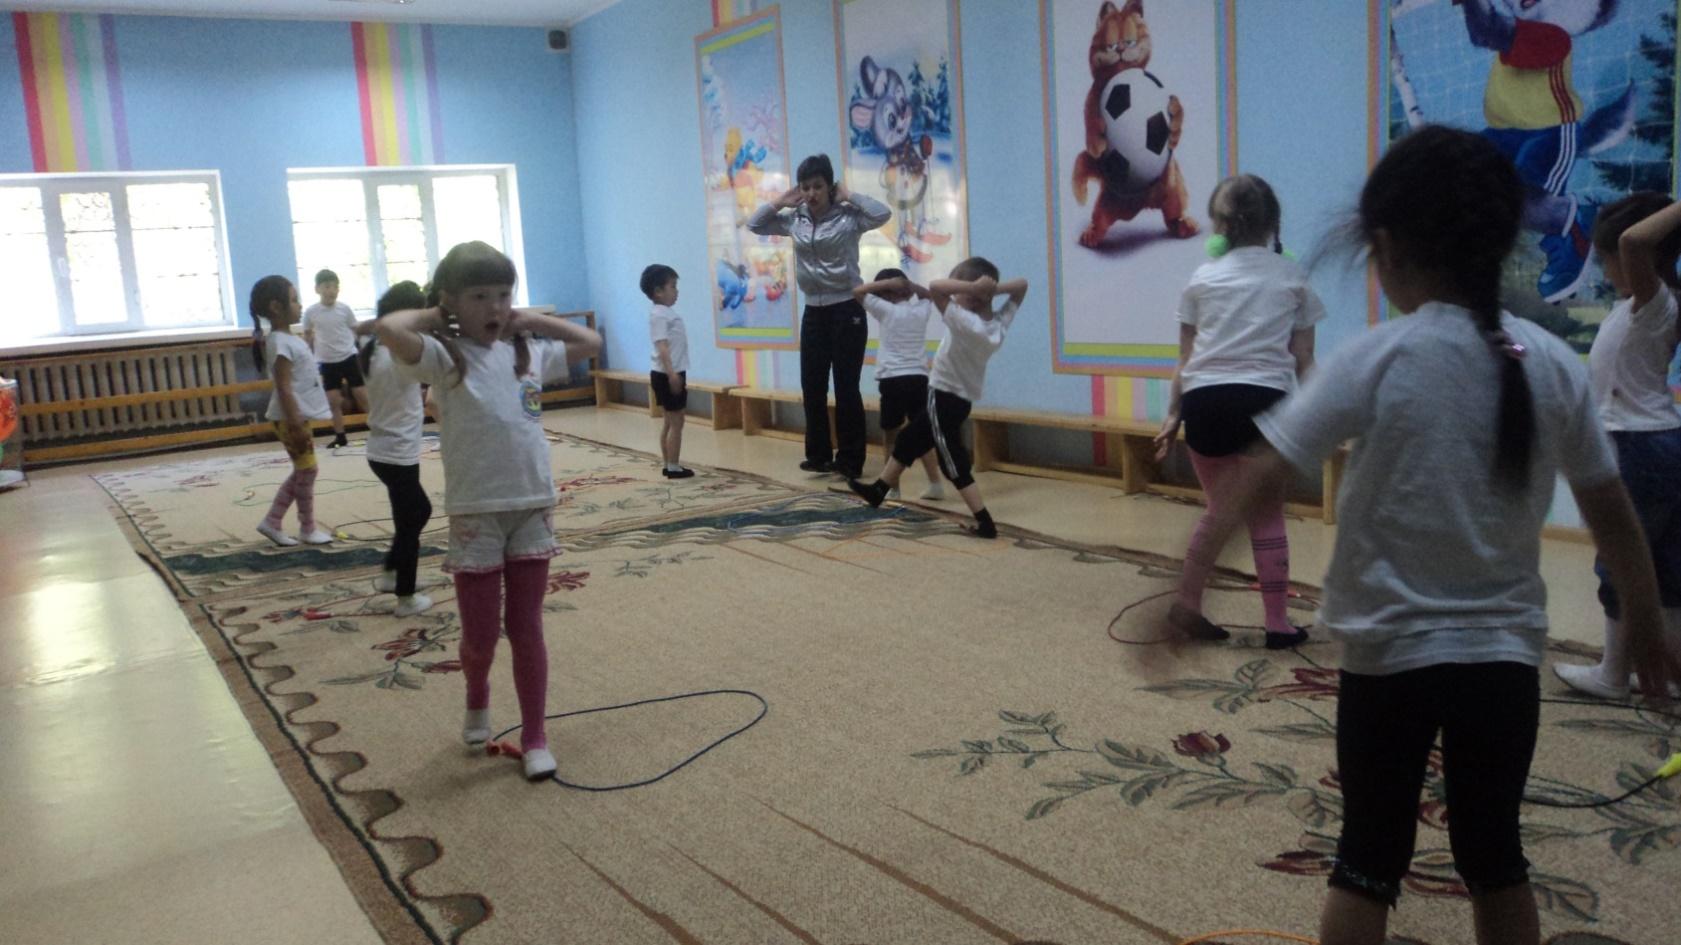 Описание: D:\Михална\Pictures\занятия, открытые просмотры\итоговые занятия 2012г\DSC03790.JPG